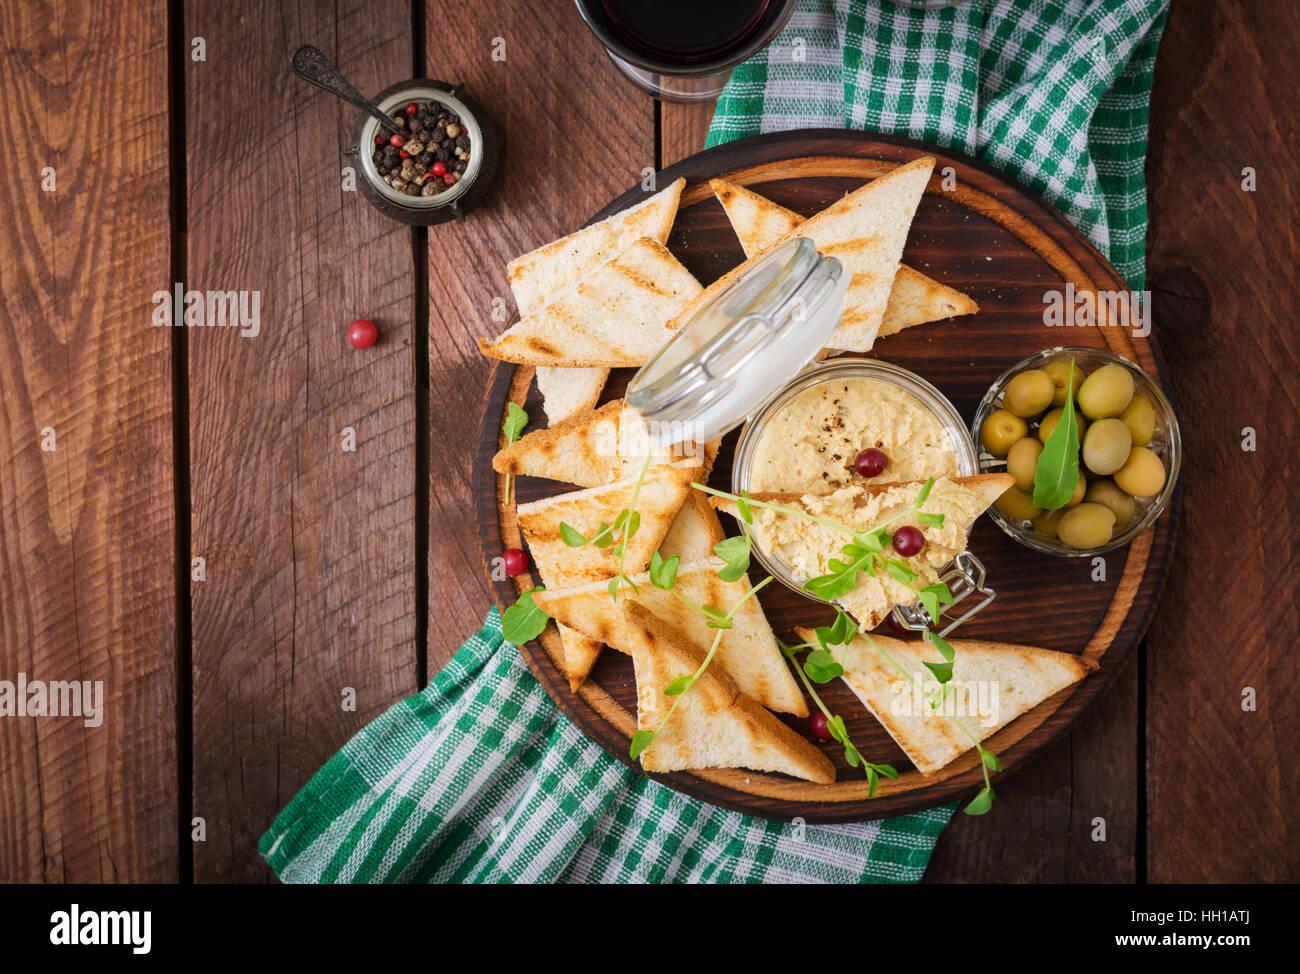 Pastete Huhn - Rillette, Toast, Oliven und Kräutern auf einem Holzbrett. Flach zu legen. Ansicht von oben Stockbild